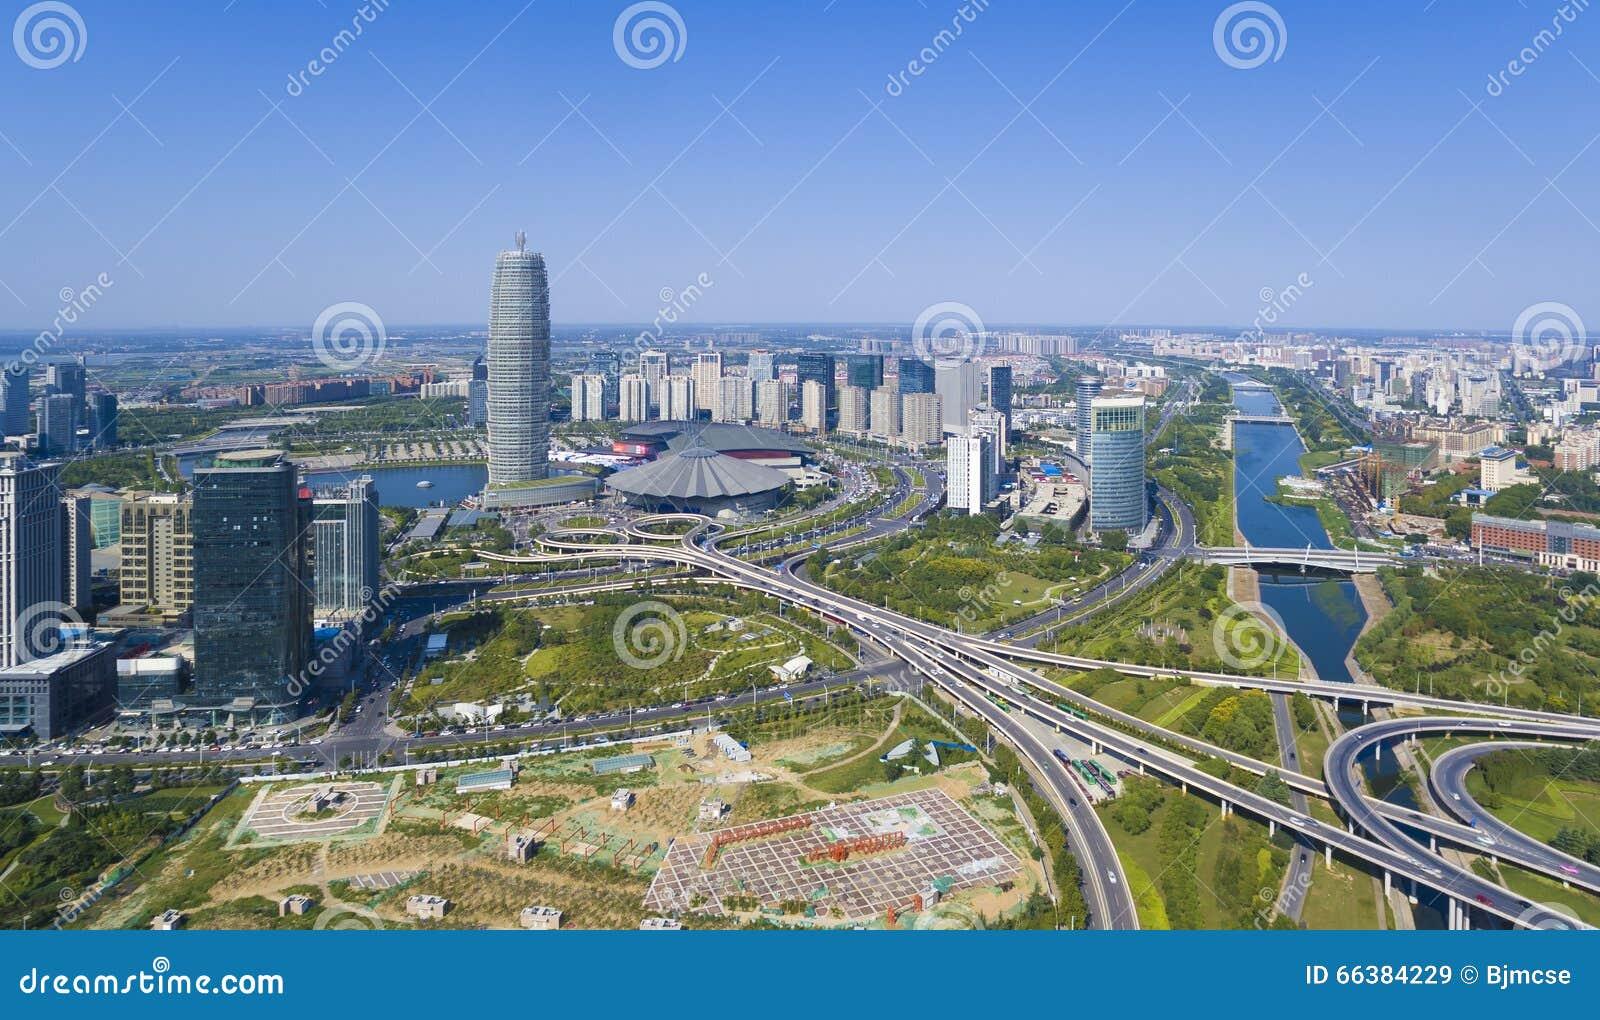 Zhengzhou henan china